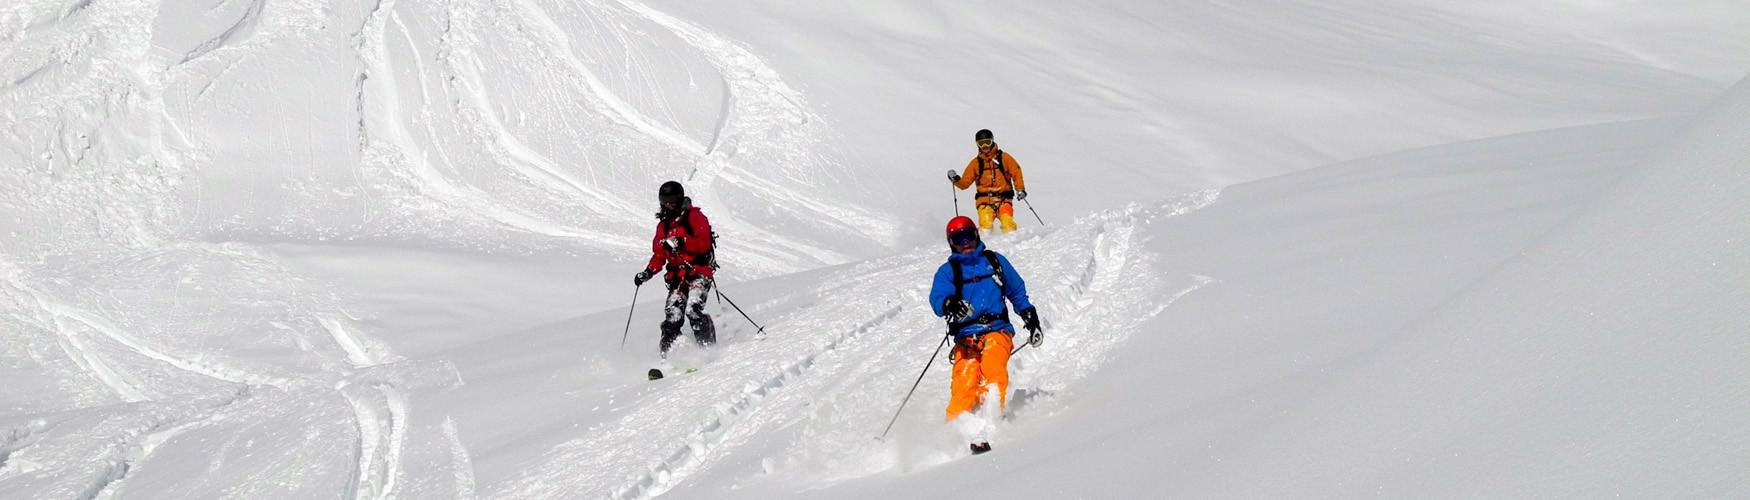 Freeride am Matterhorn